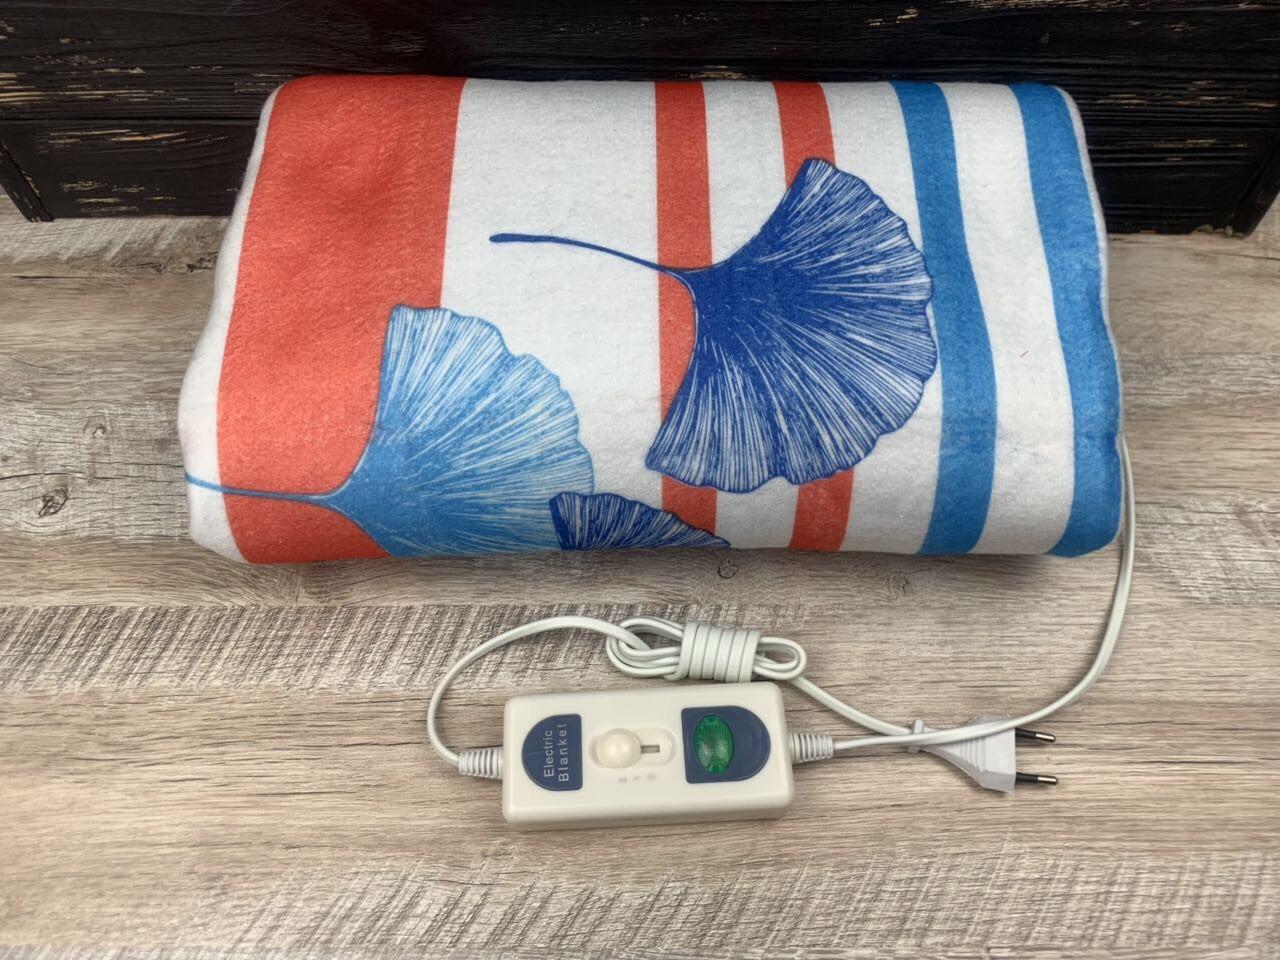 Электропростынь Ket Electric Blanket (120х155)